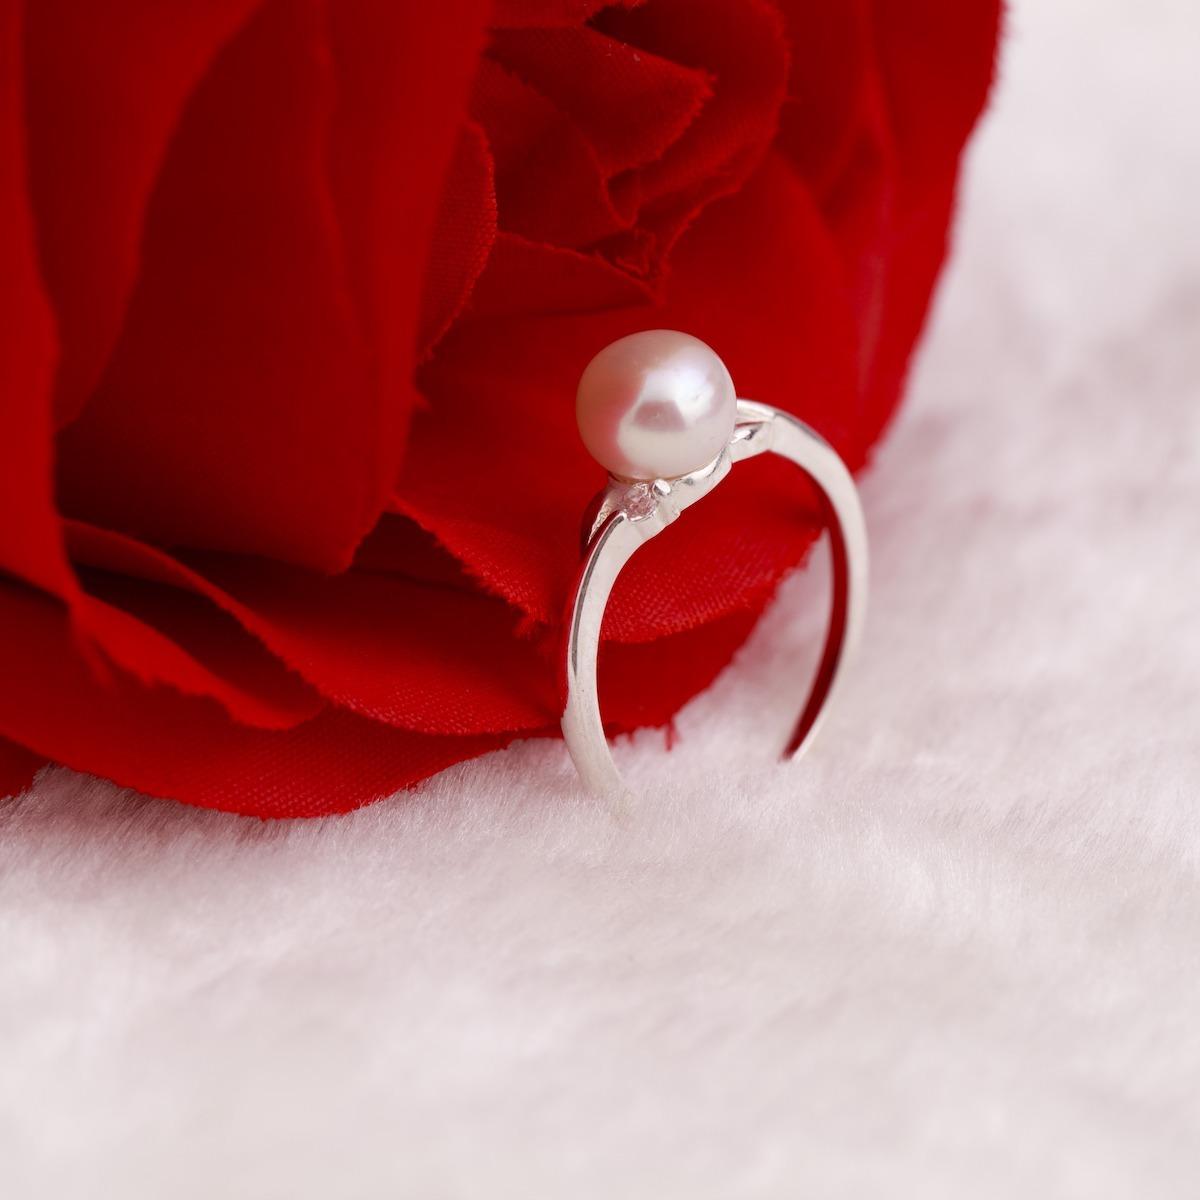 Nhẫn bạc đính ngọc trai Opal RPT6-09 sử dụng ngọc trai trắng ngà viên tròn làm điểm nhấn nổi bật cho nhẫn. Xung quanh thân nhẫn được cách điệu và đính đá tỉ mỉ. Kích thước nhẫn 17 mm, phù hợp cỡ tay châu Á. Sản phẩm kèm phiếu bảo hành và thu đổi sang sản phẩm mới trong suốt thời gian sử dụng. Nhẫn có giá 275.000 đồng, giảm 50% so với giá gốc.